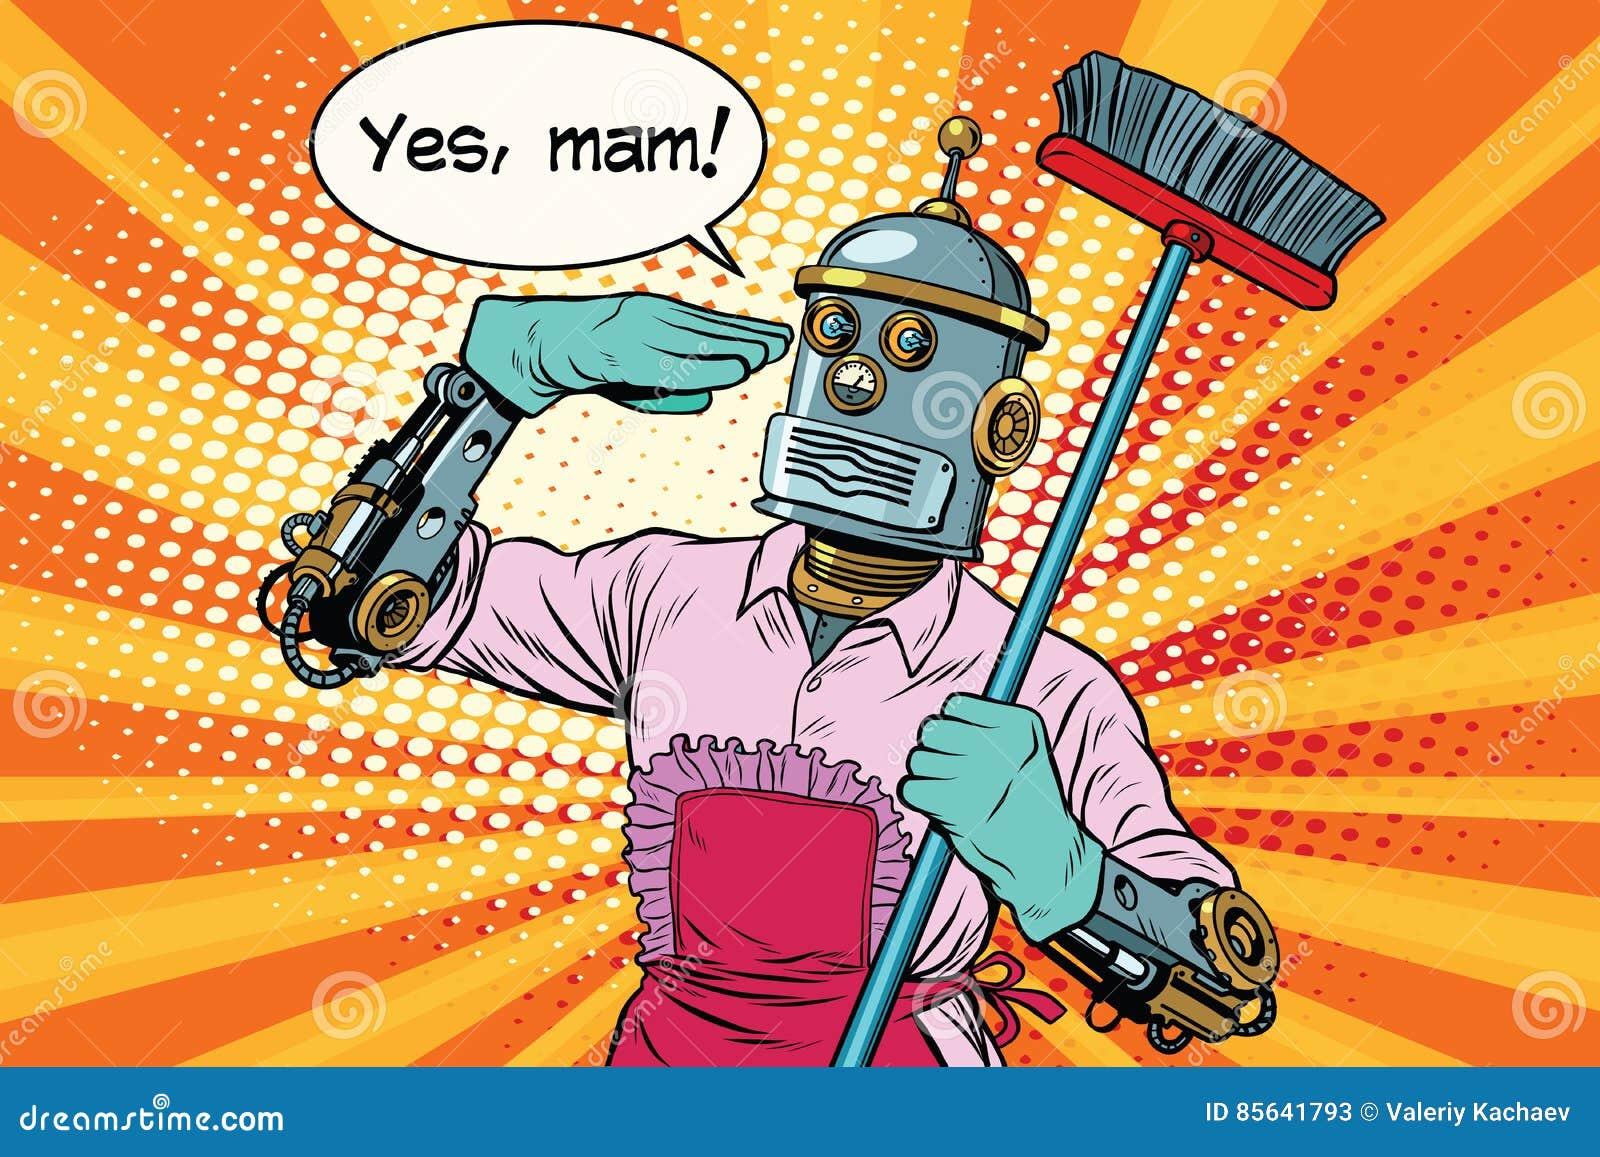 Ja mam Robot en het schoonmaken van het huis